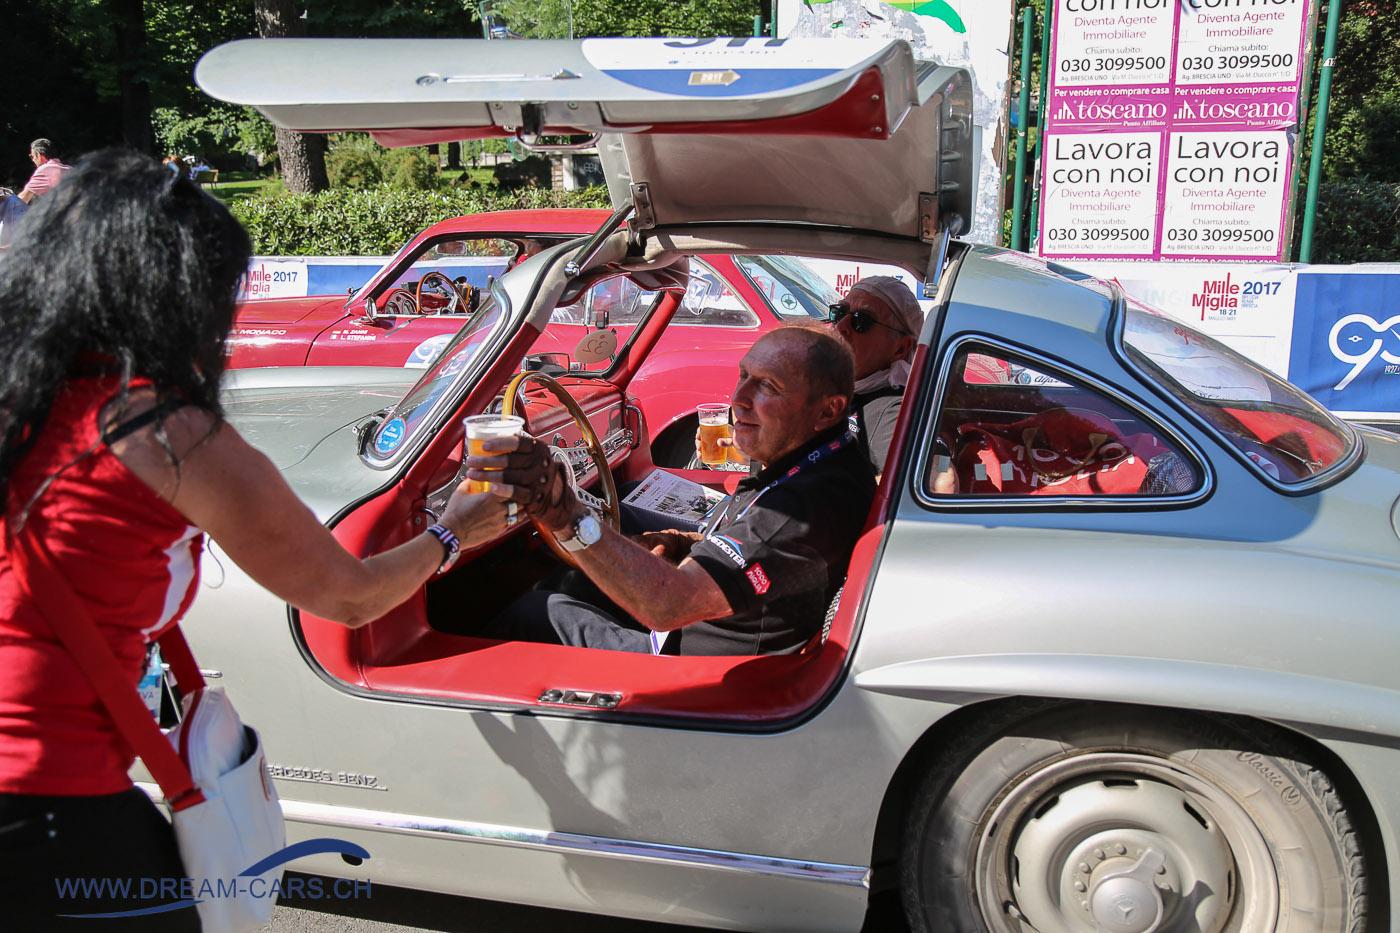 Mille Miglia 2017, 4. Tag, Etappe Parma - Brescia. Die Ärzte sagen ja immer, man solle viel trinken und Jochen Mass wusste das von Ela Lehmann überreichte kühle Bier sehr zu schätzen.